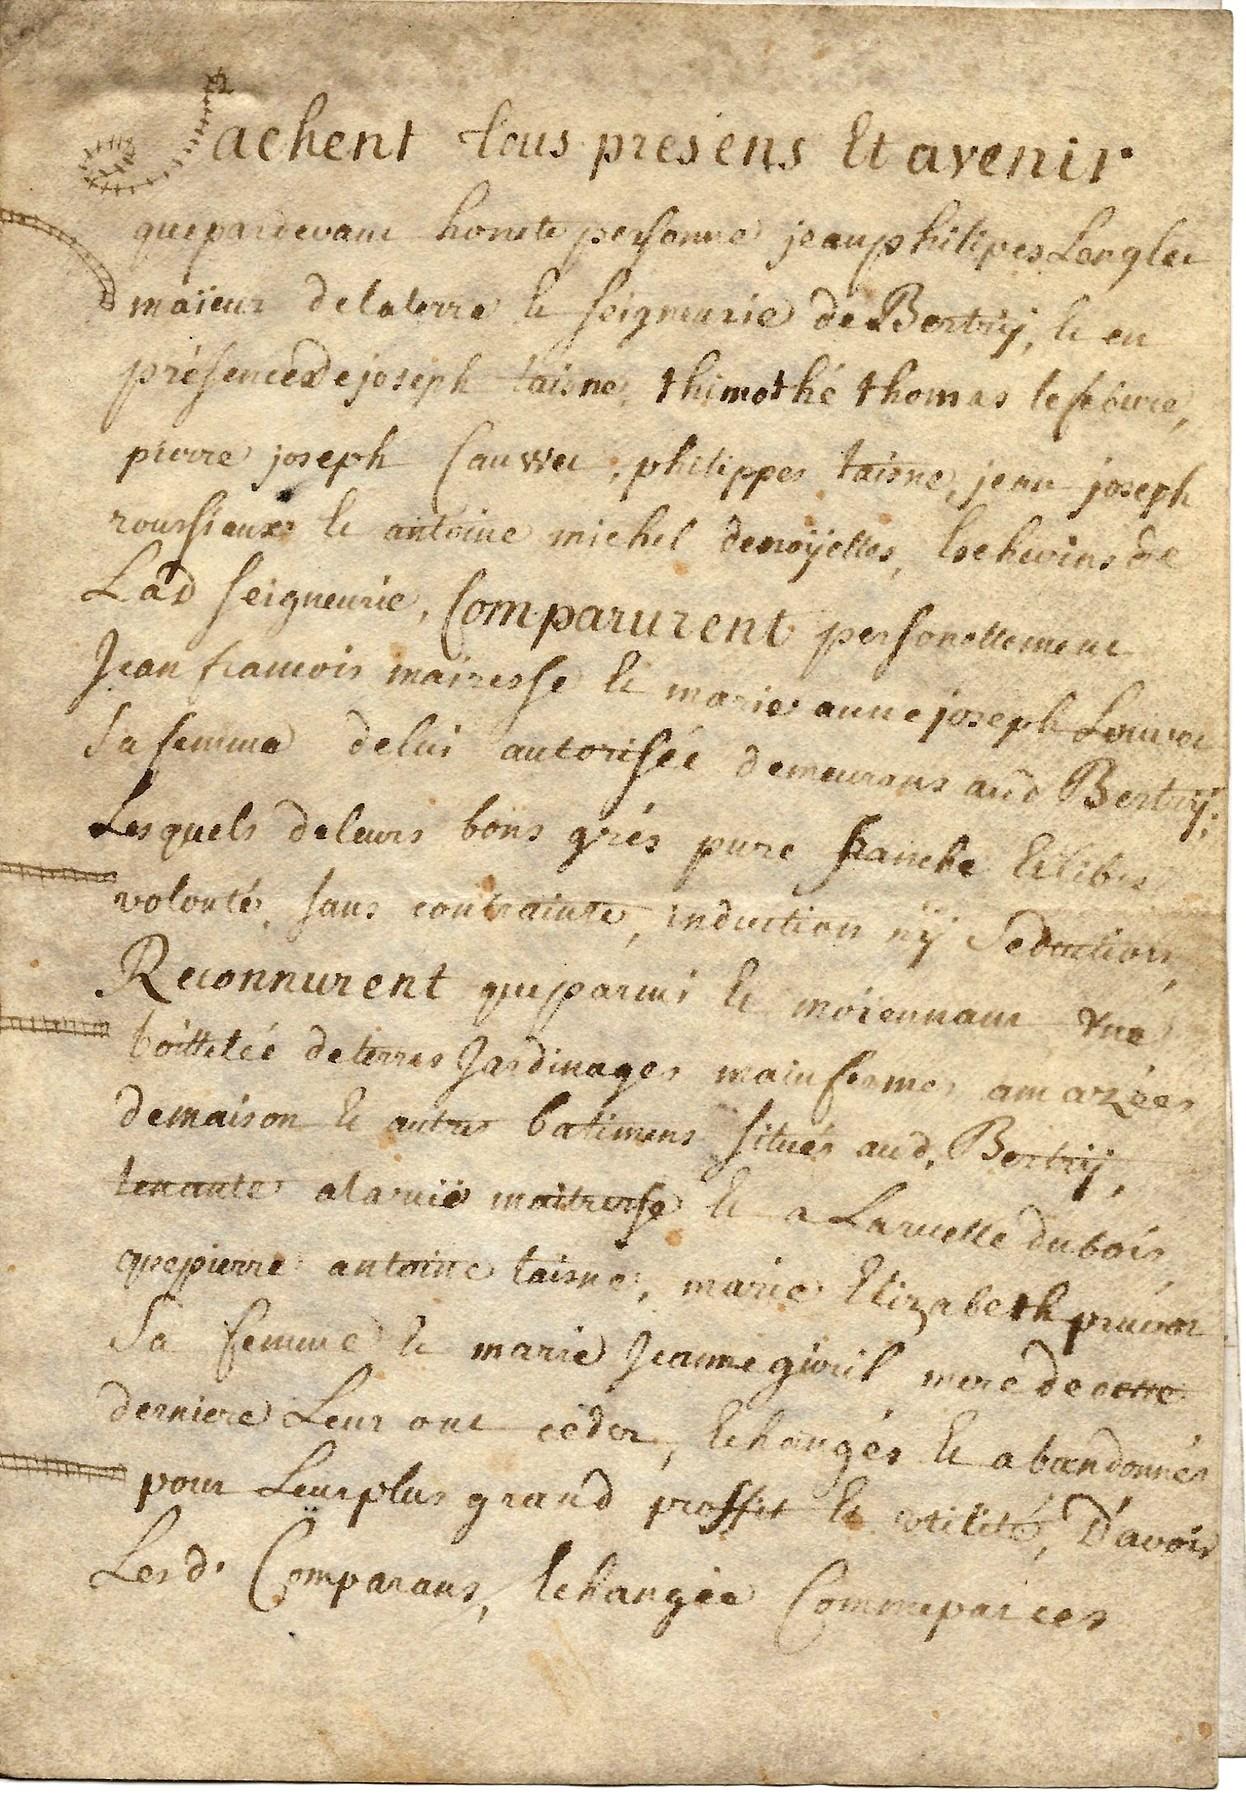 1750 ech terres entre j francois mairesse et pier ant taisne 001